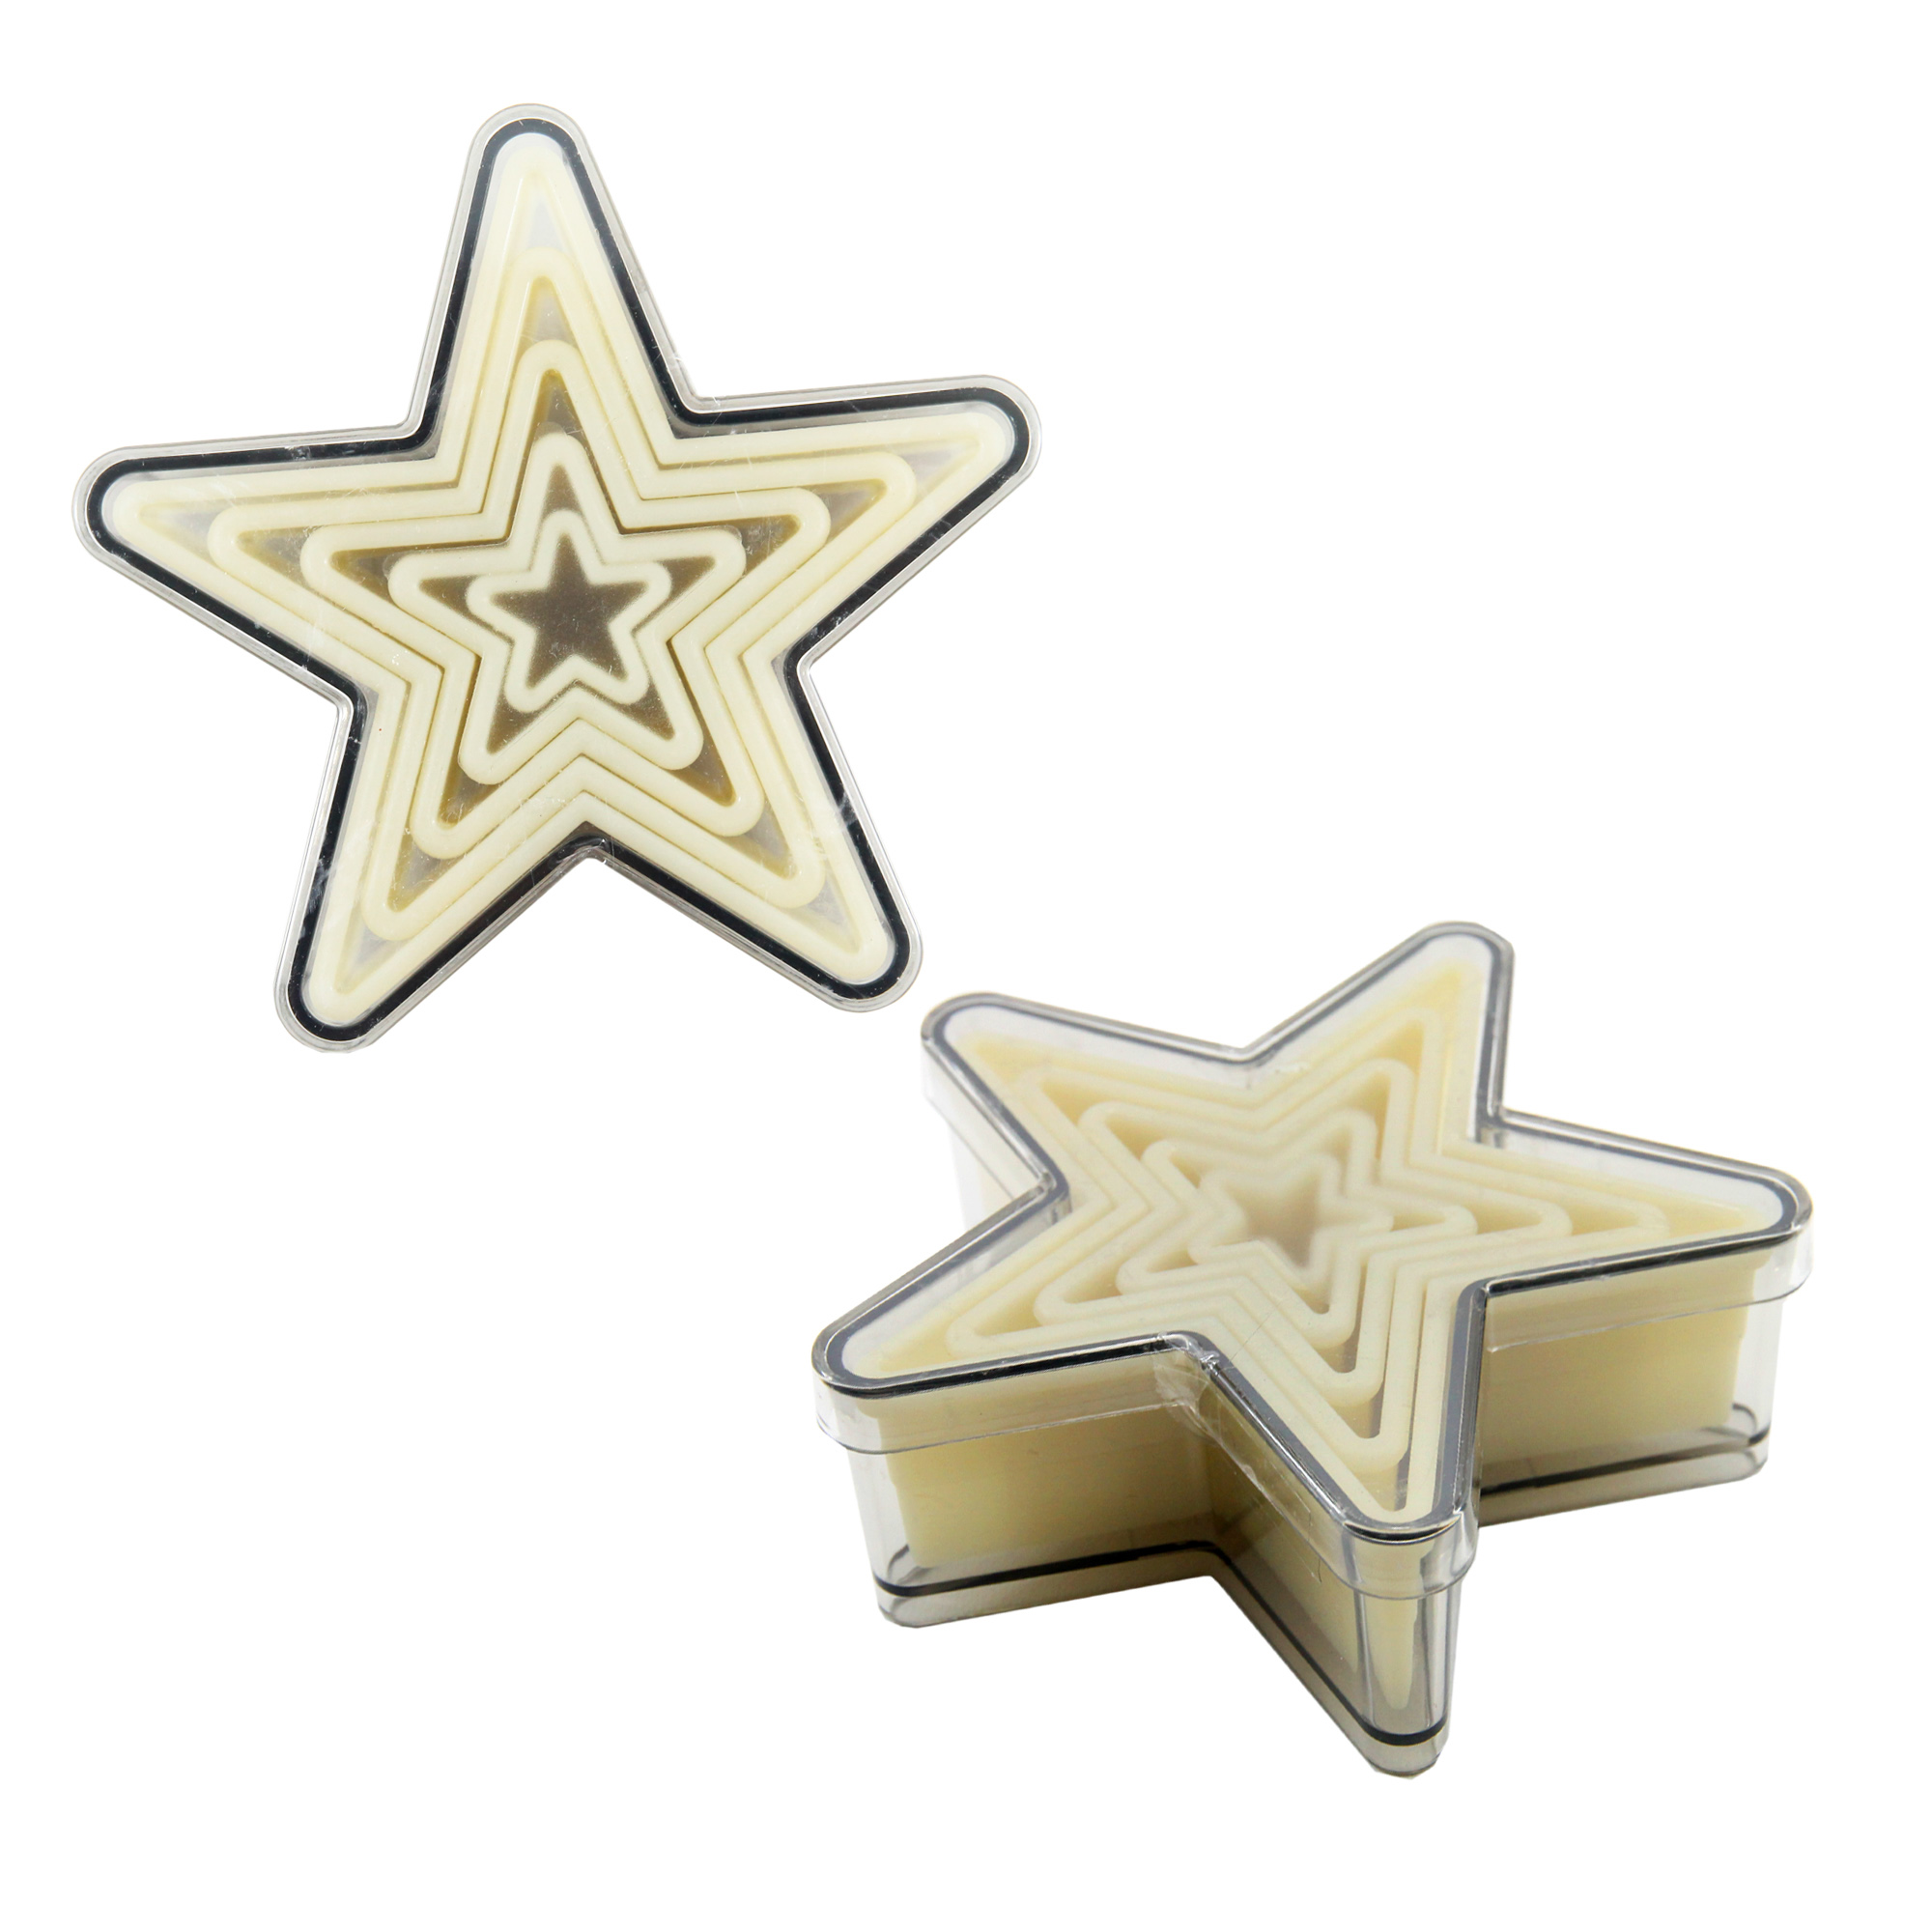 ที่กดคุ้กกี้พลาสติกรูปดาว 9 ชิ้น/set 070242 pa star cn